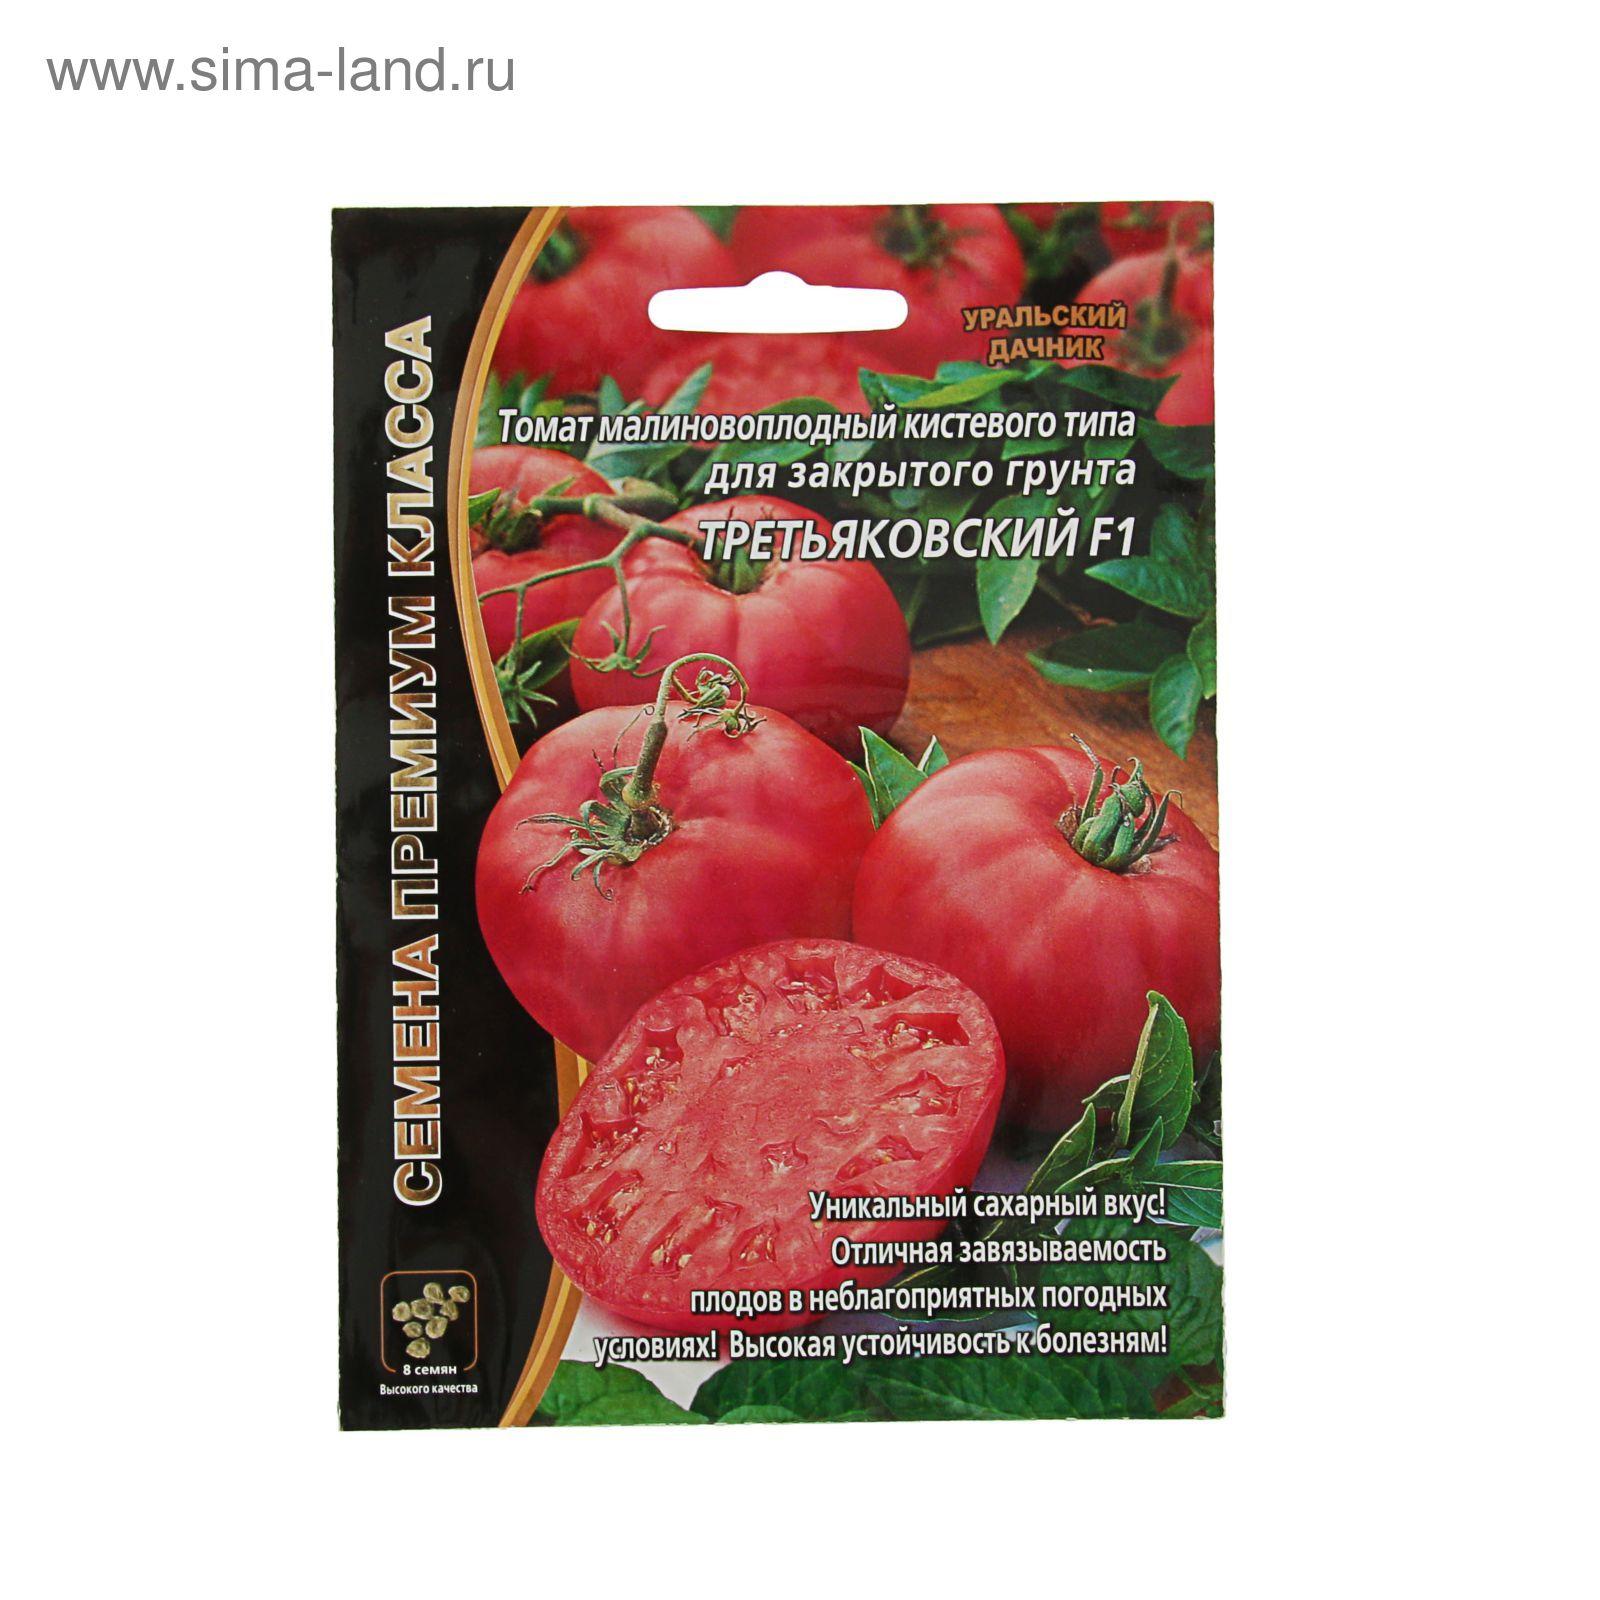 Томат третьяковский: отзывы, фото, урожайность, описание и характеристика | tomatland.ru